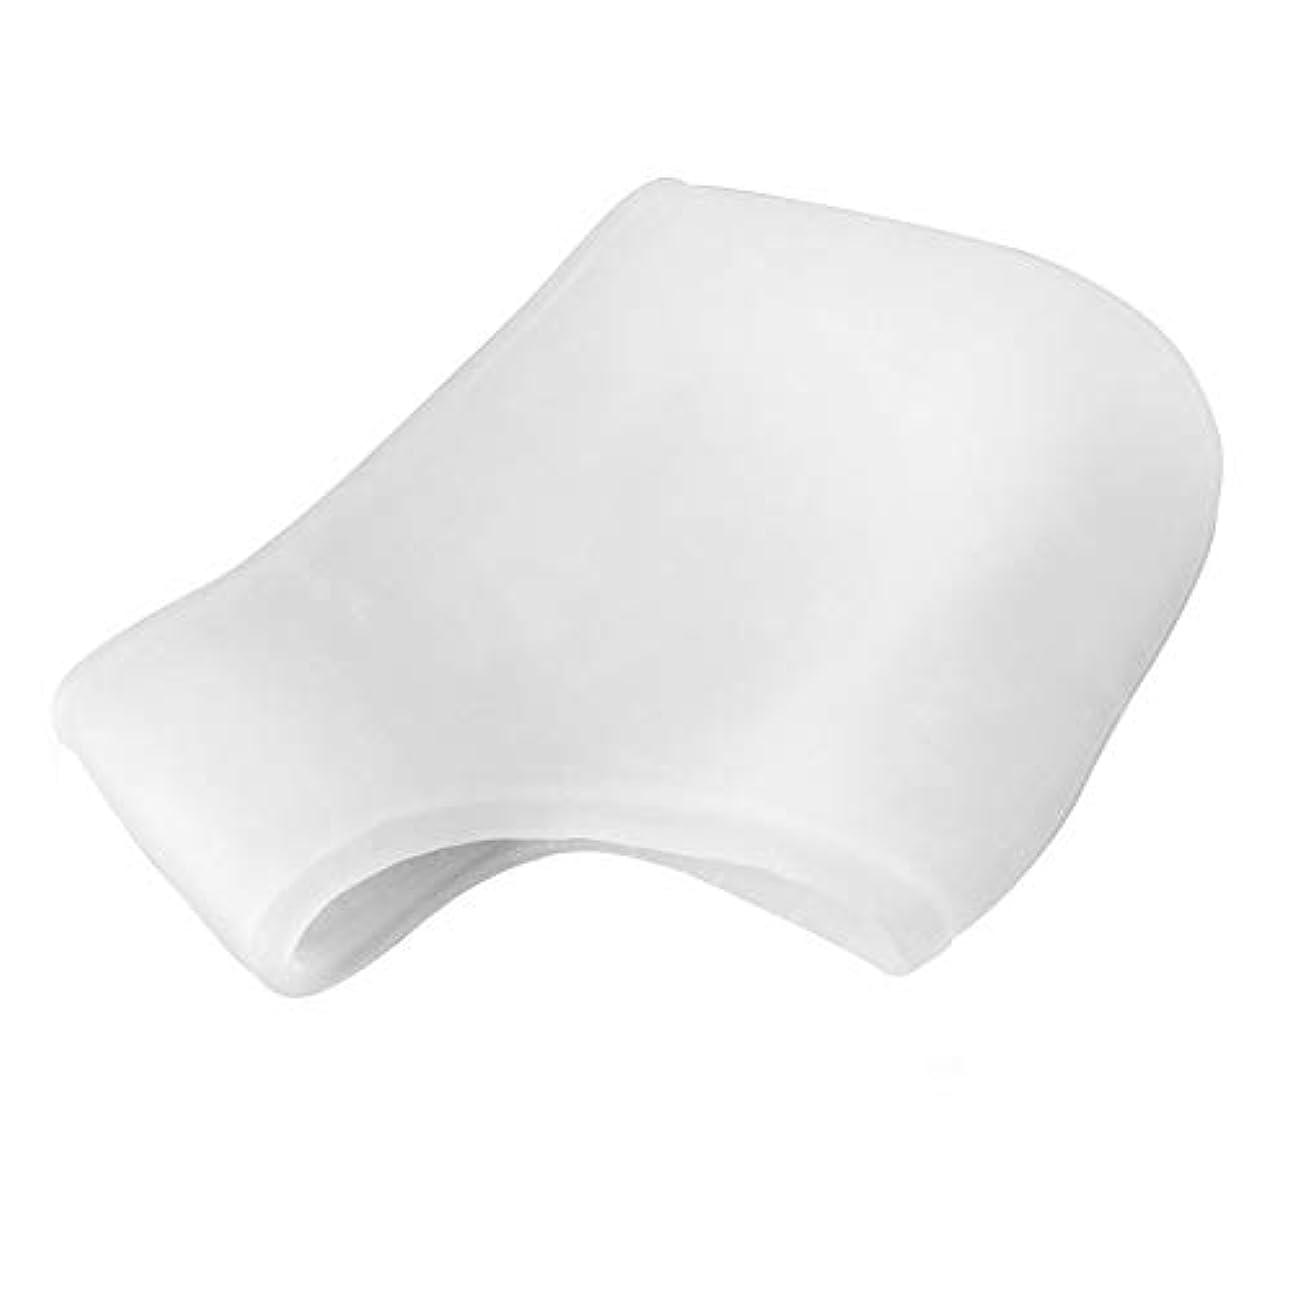 アクティブ本ターミナルシリコーンモイスチャライジングジェルヒールソックスひびの入ったフットスキンケアマッサージャー(透明)フットケアひび割れツールヘルスモニタを守ります